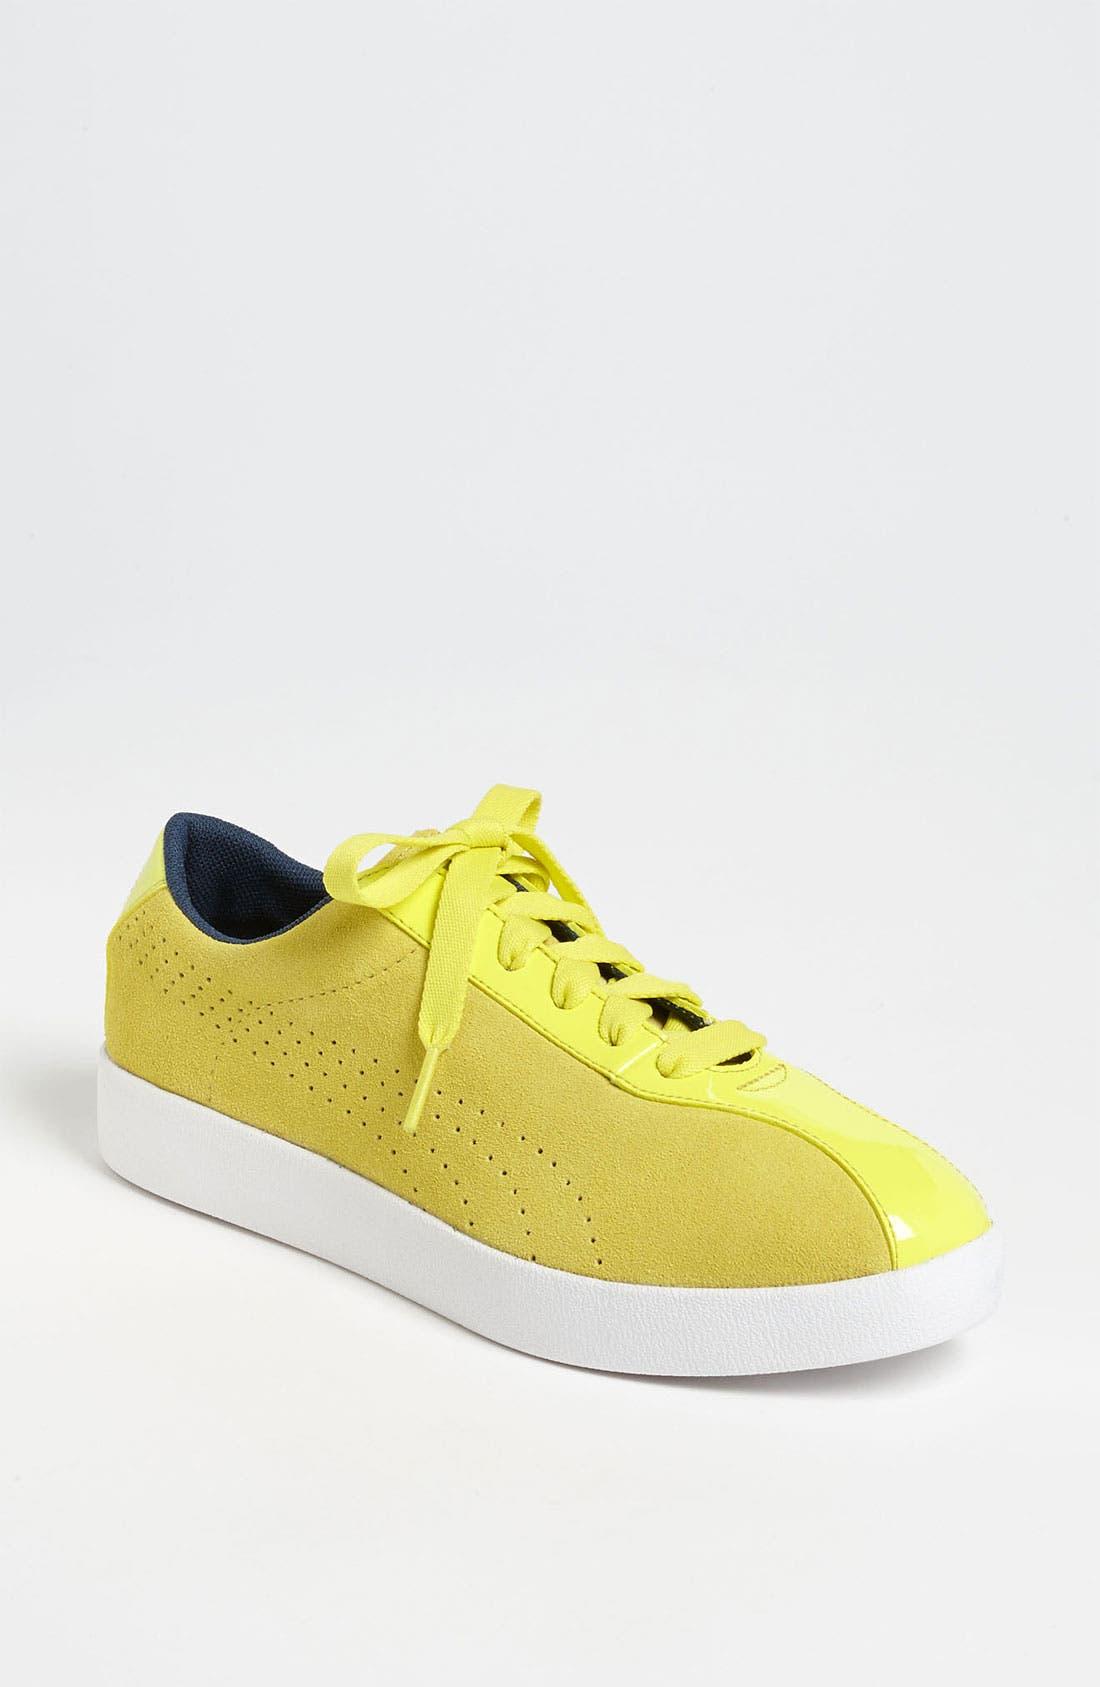 Alternate Image 1 Selected - PUMA 'Munster' Sneaker (Women)